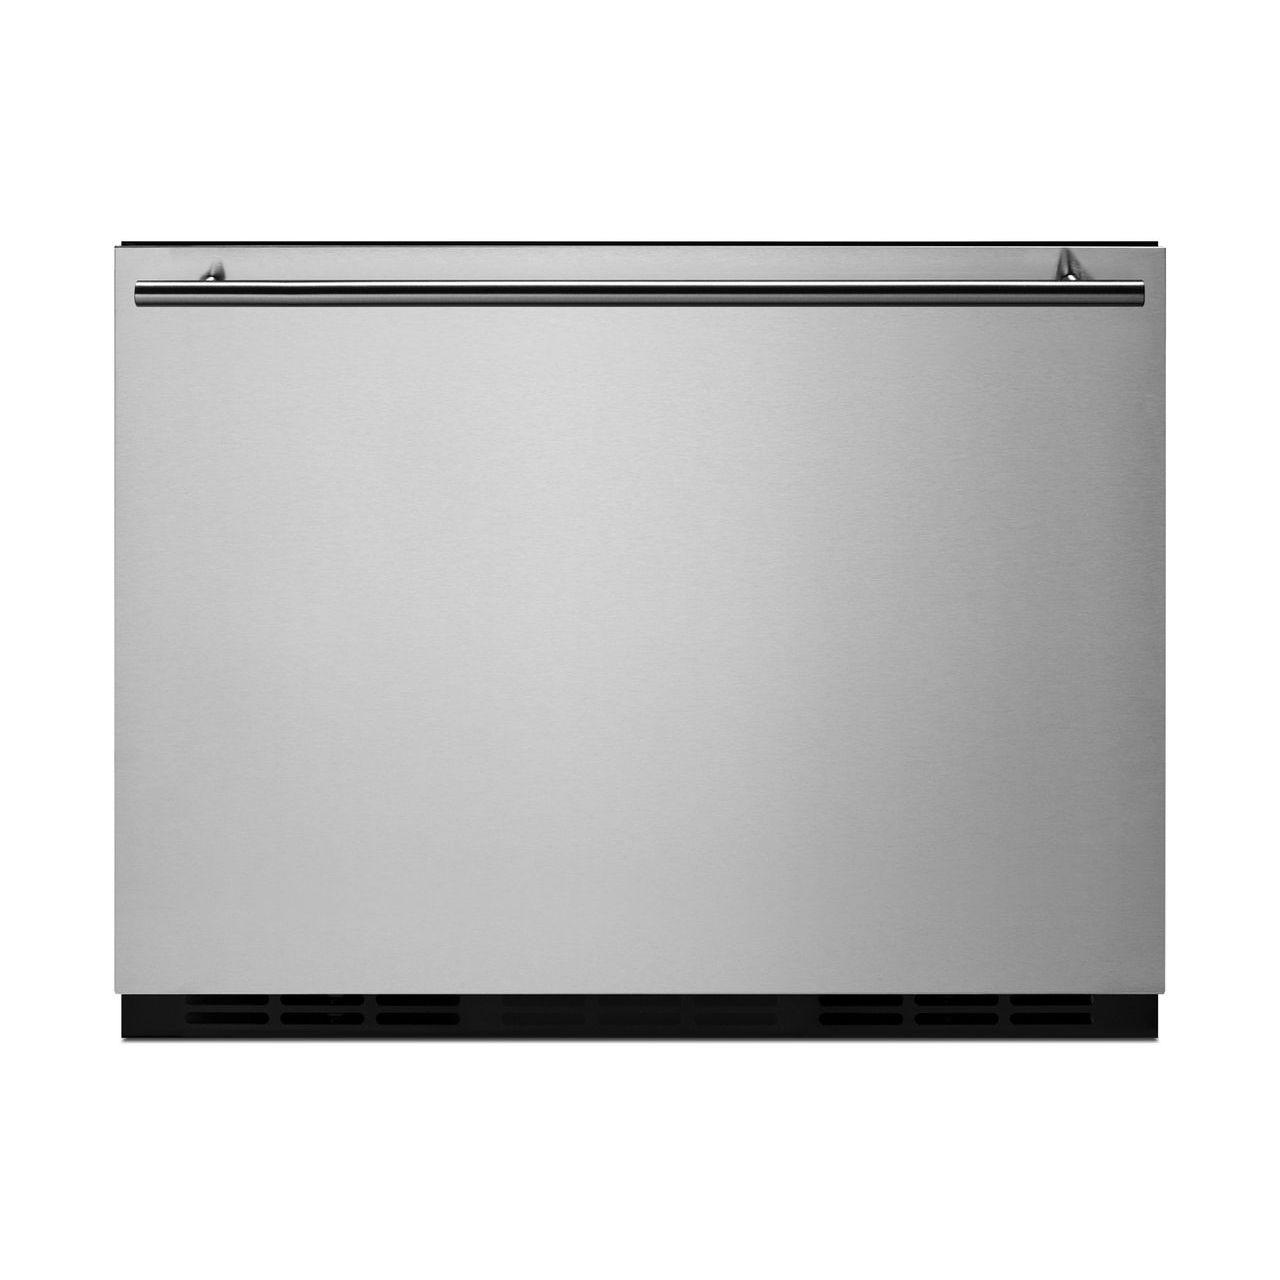 """Summit 21.5"""" Wide Built-In Drawer Refrigerator"""